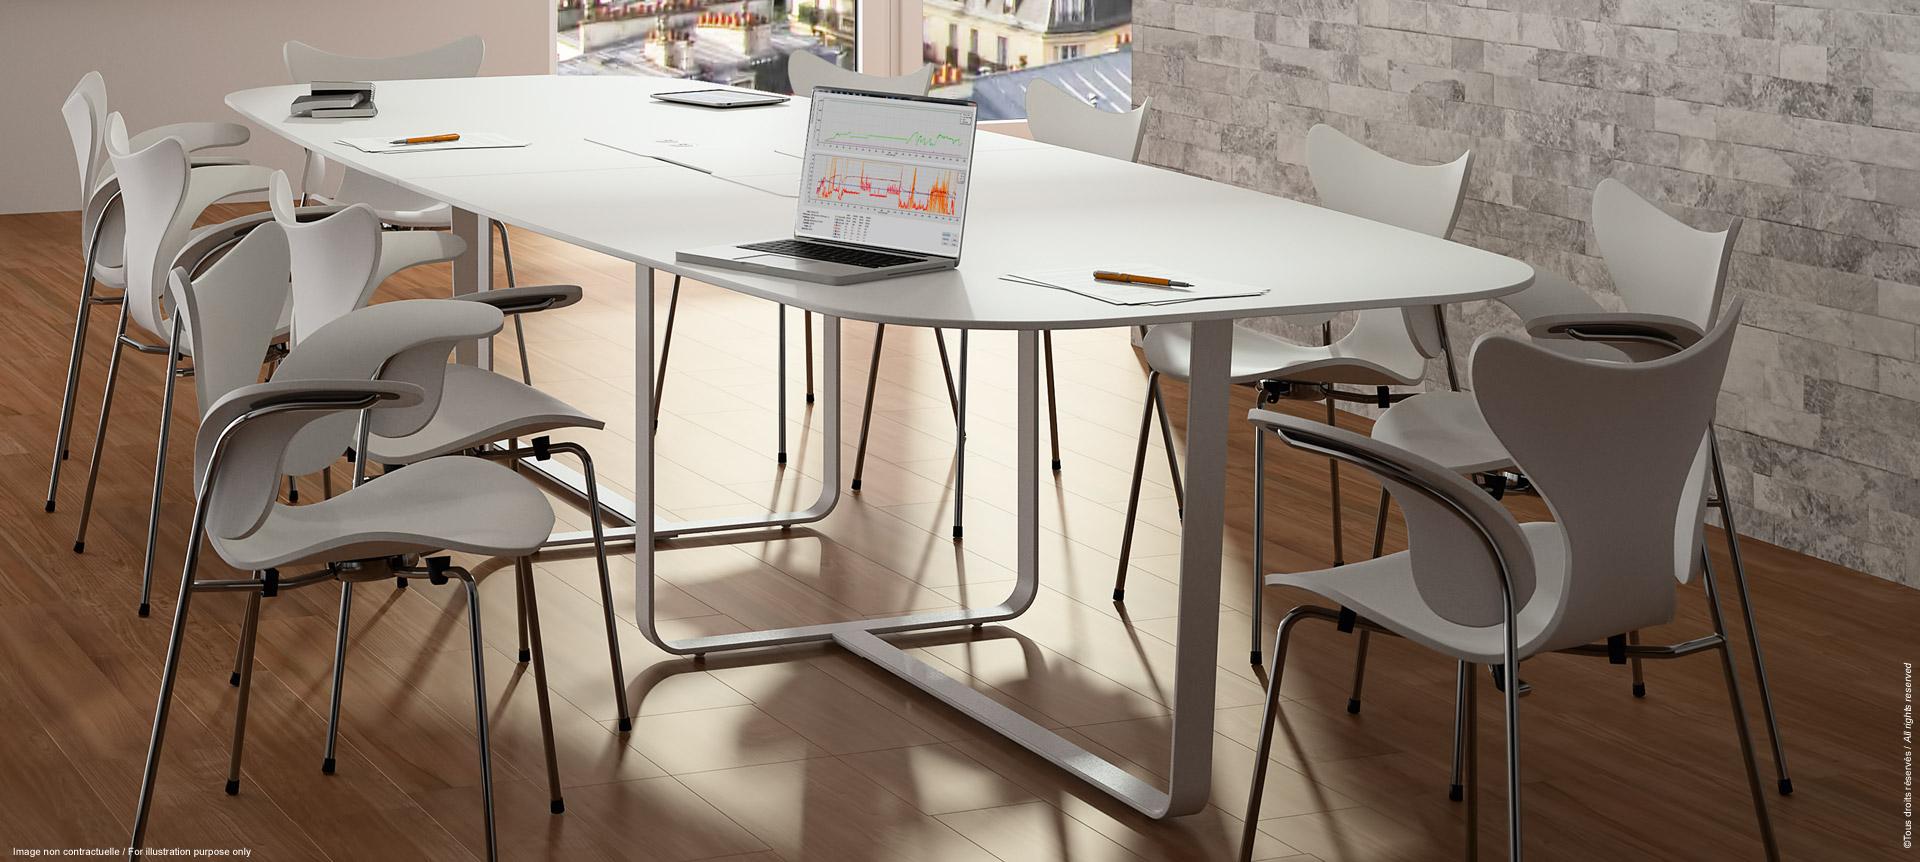 WEMEET MEETING -Table de réunion esthétique connectée